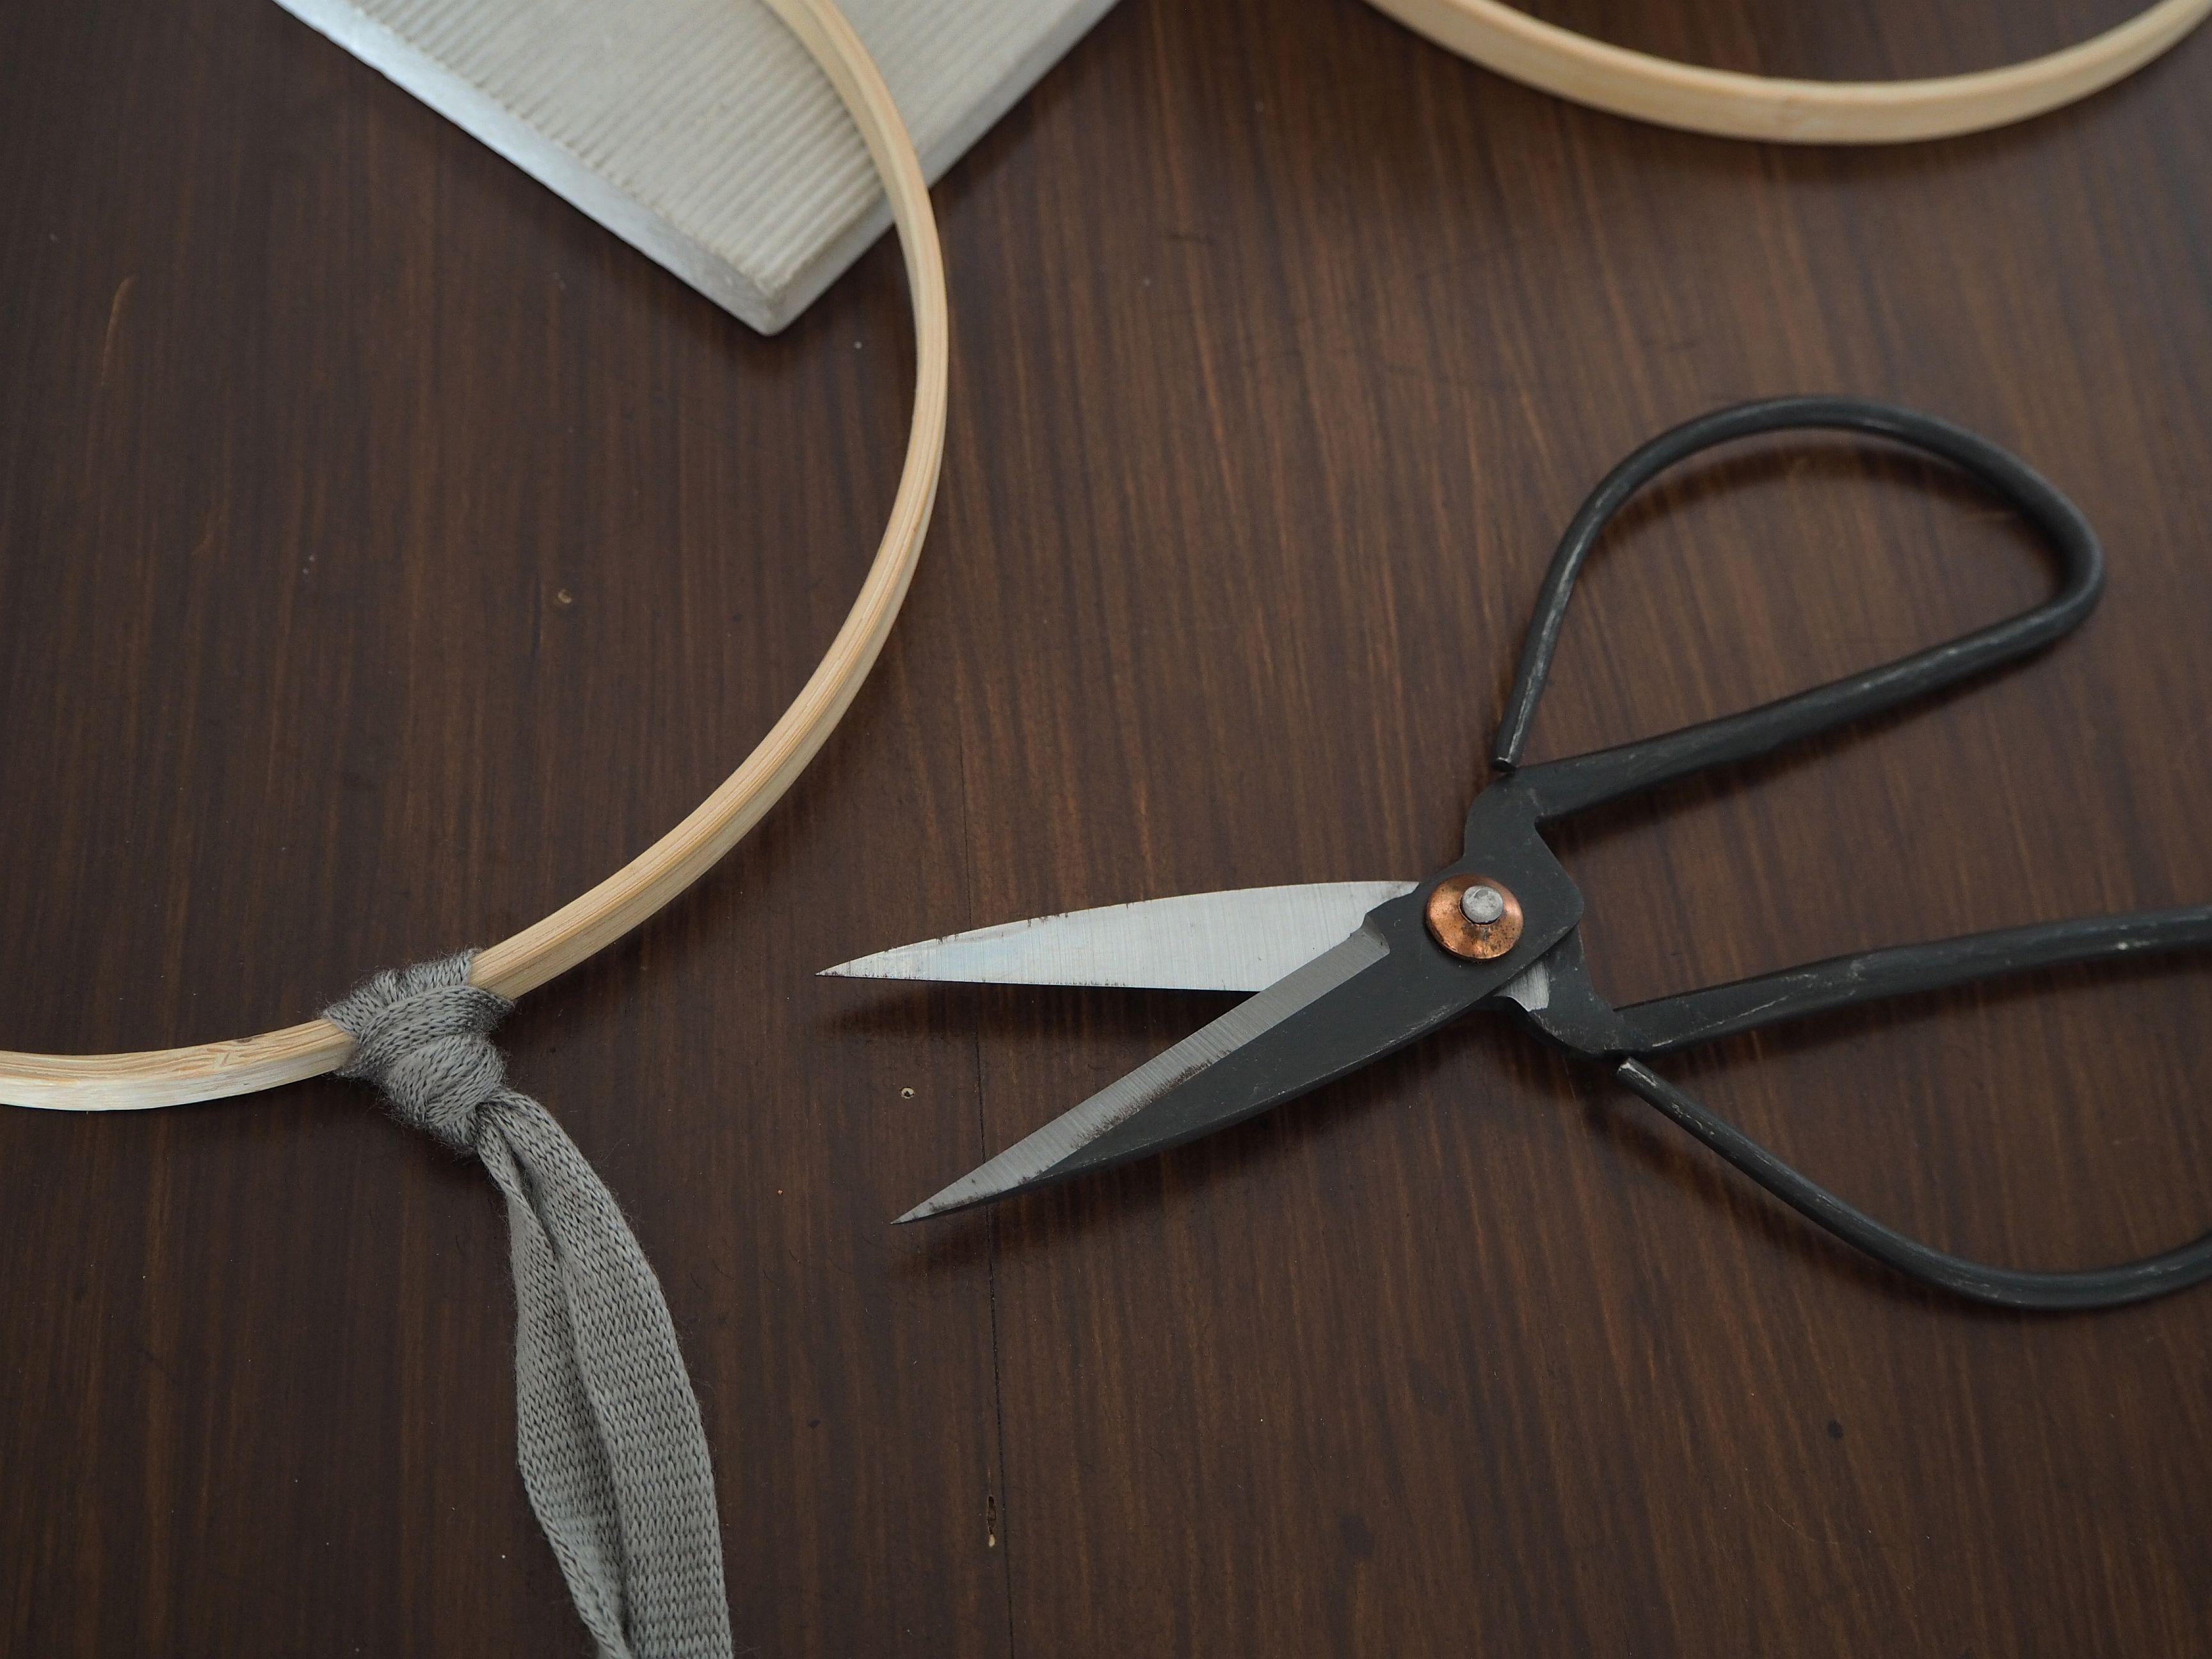 2018-01-skoen-och-kreativ-diy-interior-deko-wand-objekt-wall-hanging-skandi-stil (14)